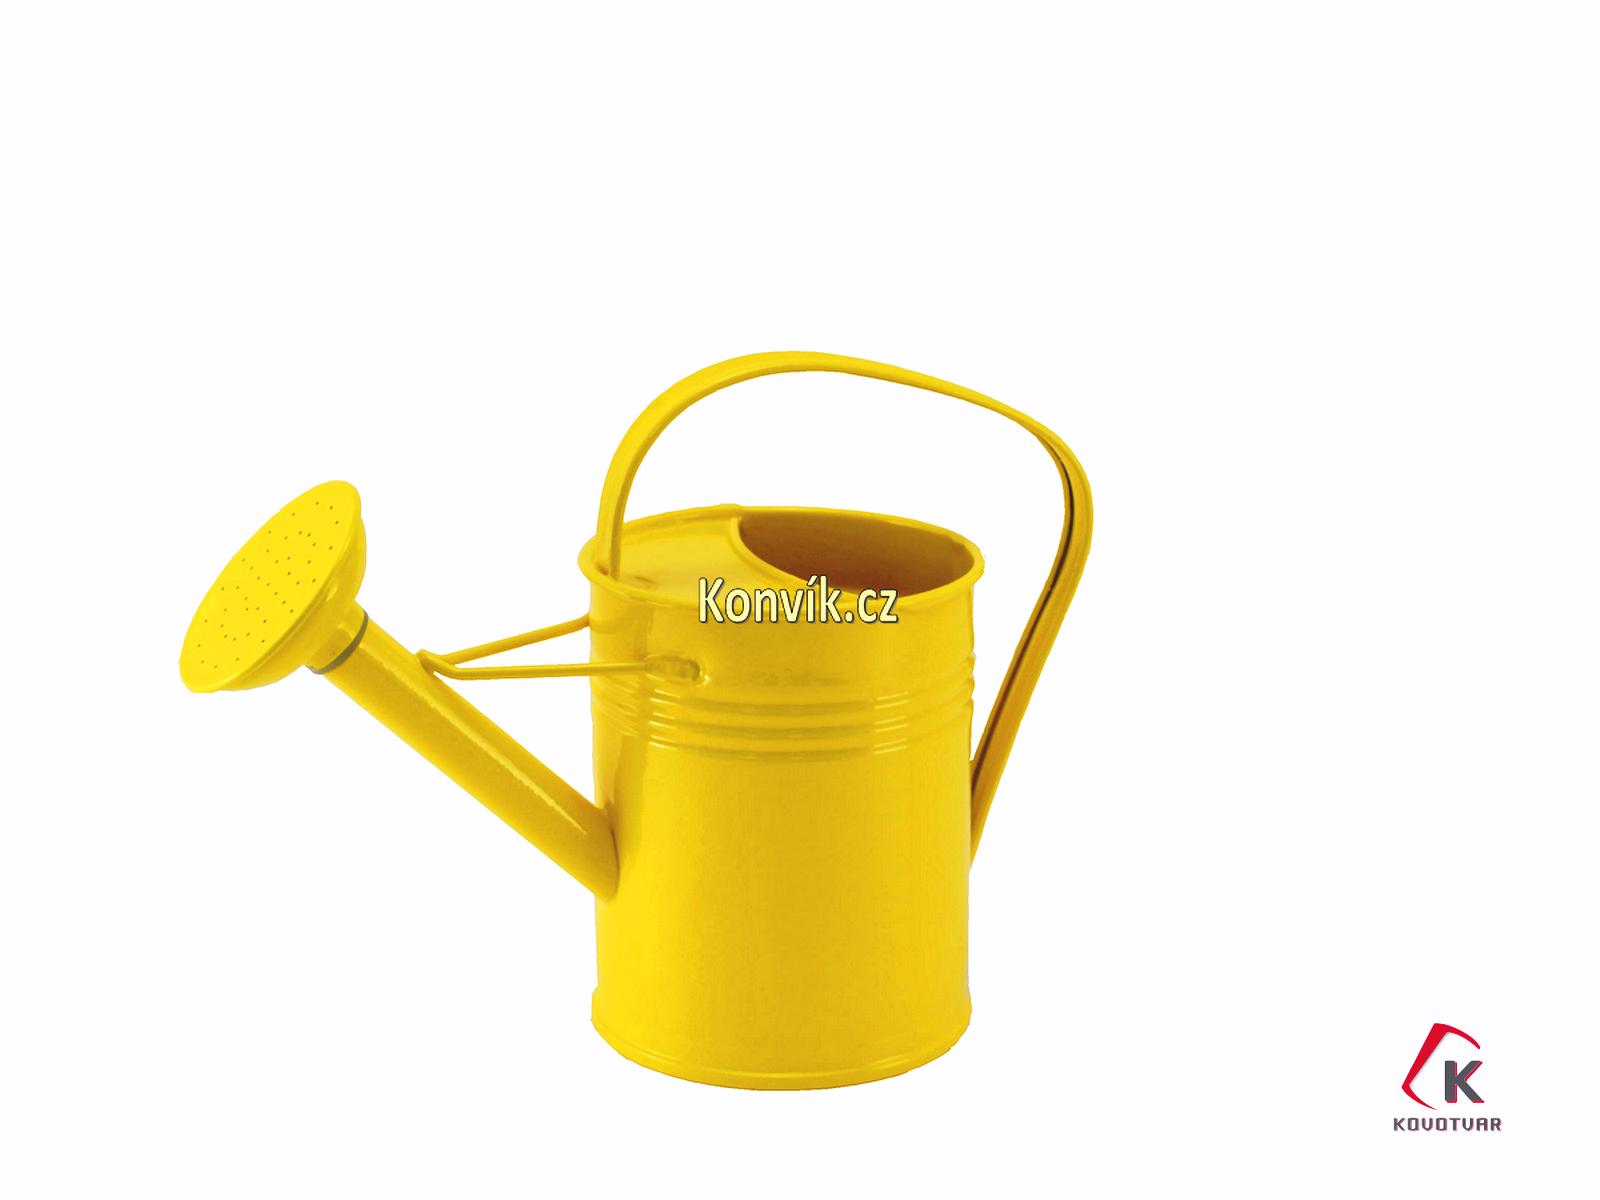 Dětská konvička žlutá 1,8l